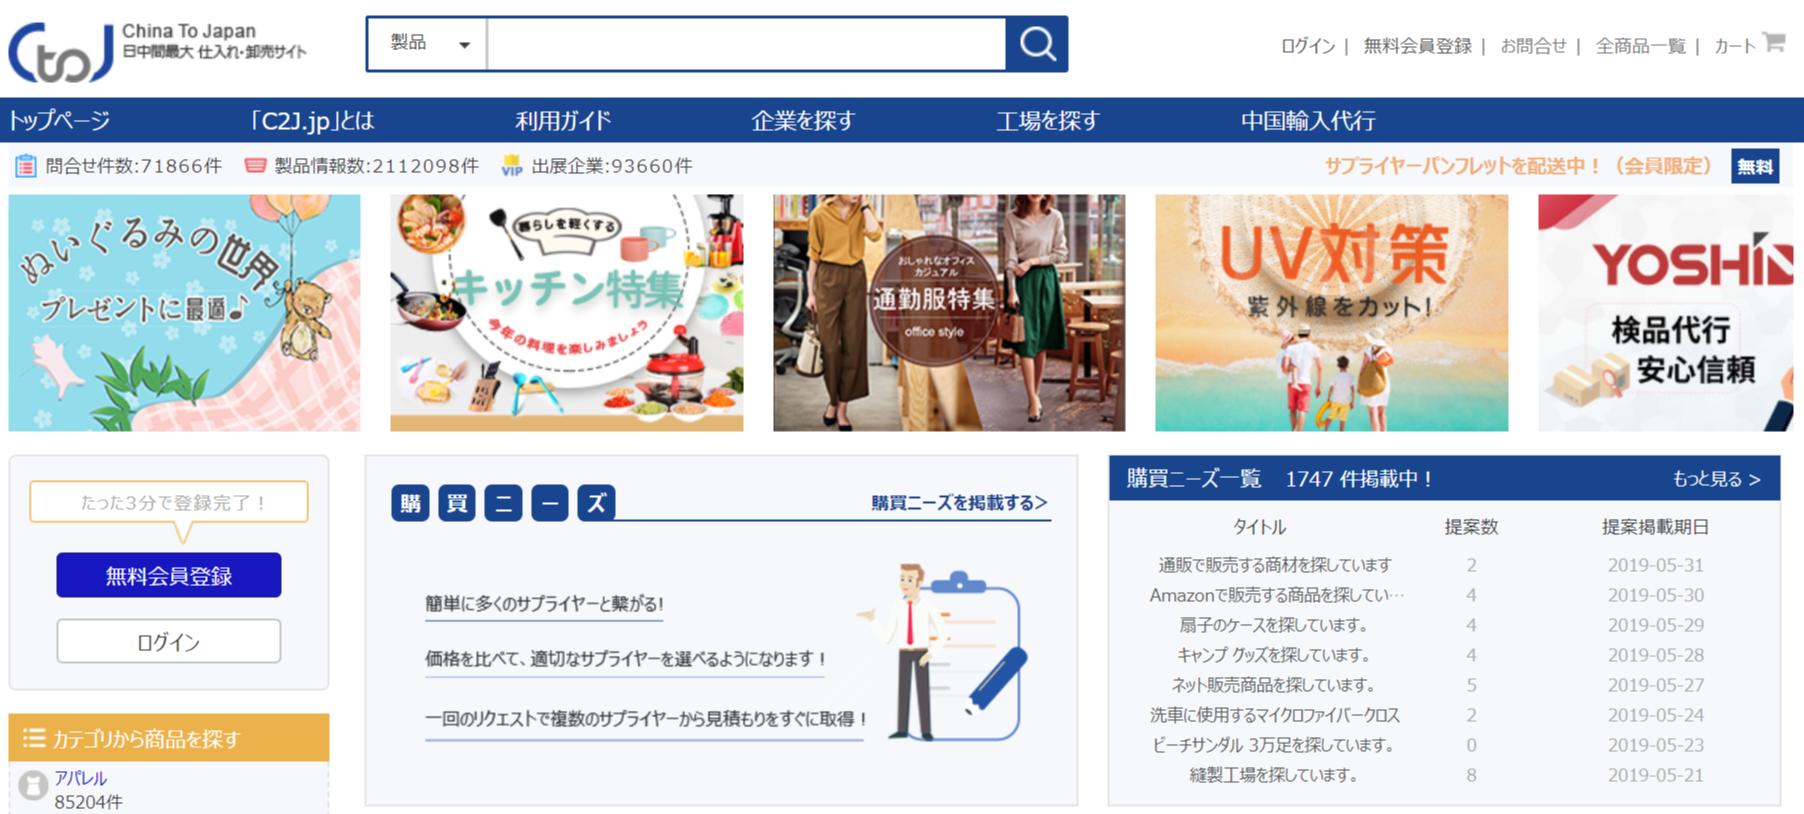 FireShot Capture 003 - 中国輸入ならC2J.jp-日中間最大級の仕入れ・卸売サイト - www.c2j.jp.png